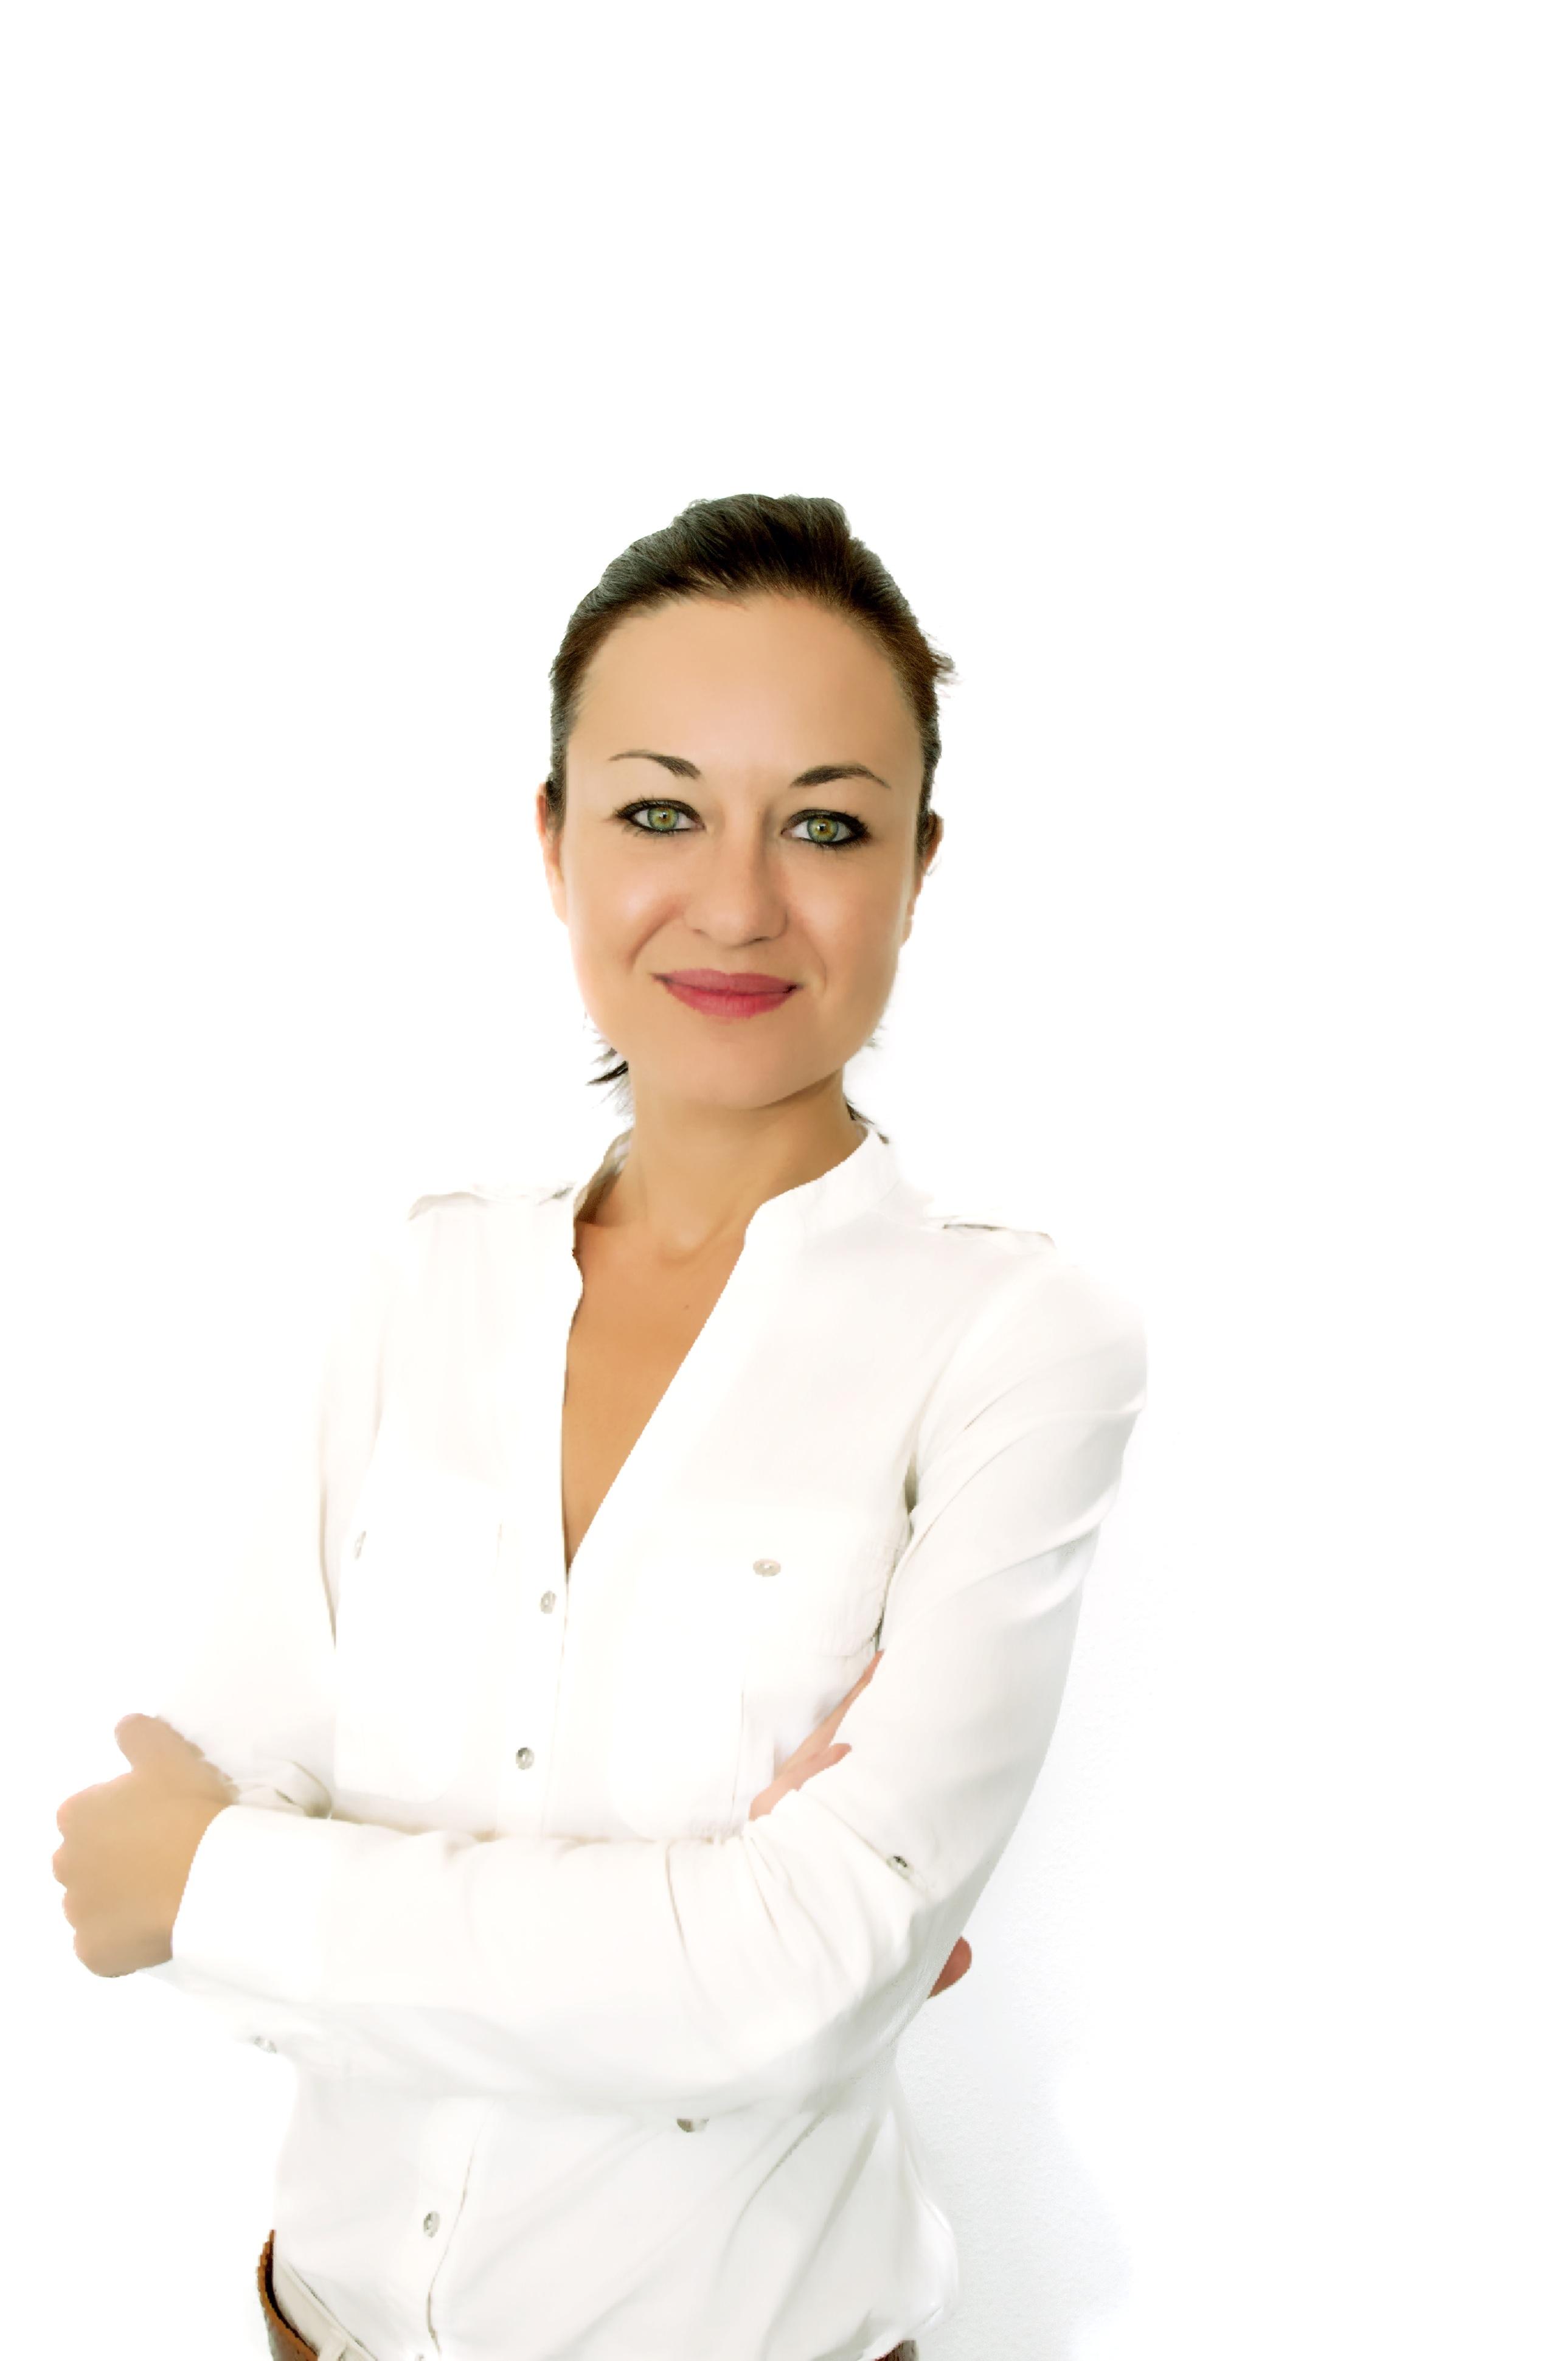 Marina Mari Moschter